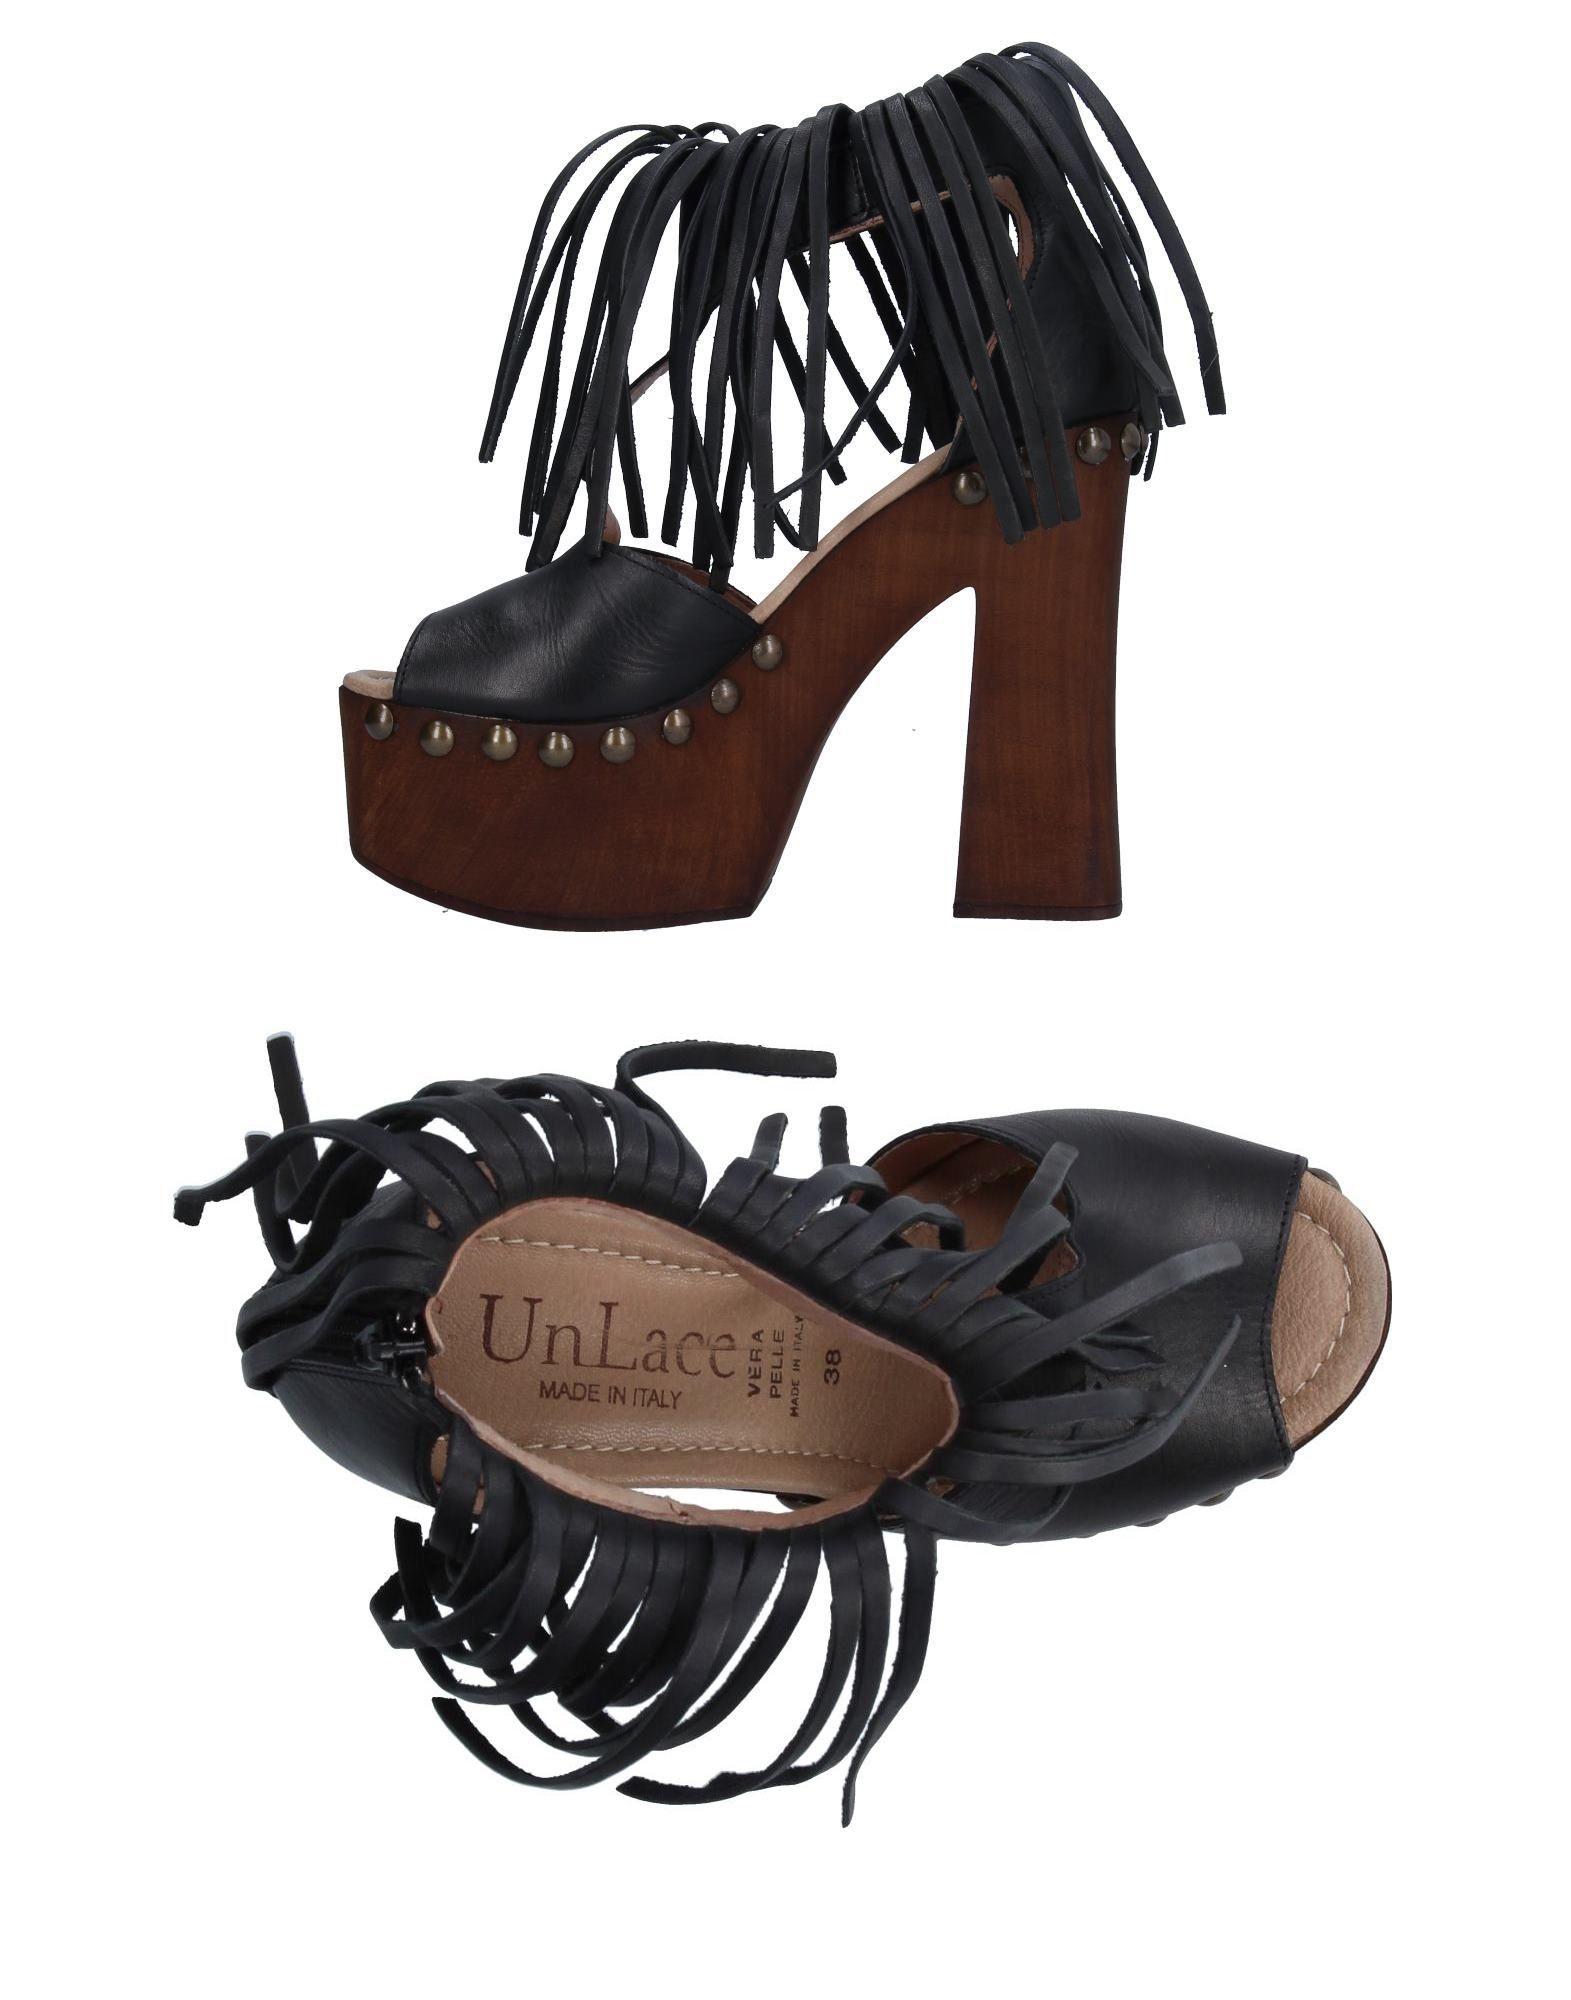 Unlace Sandalen Damen  11208015TB Gute Qualität beliebte Schuhe